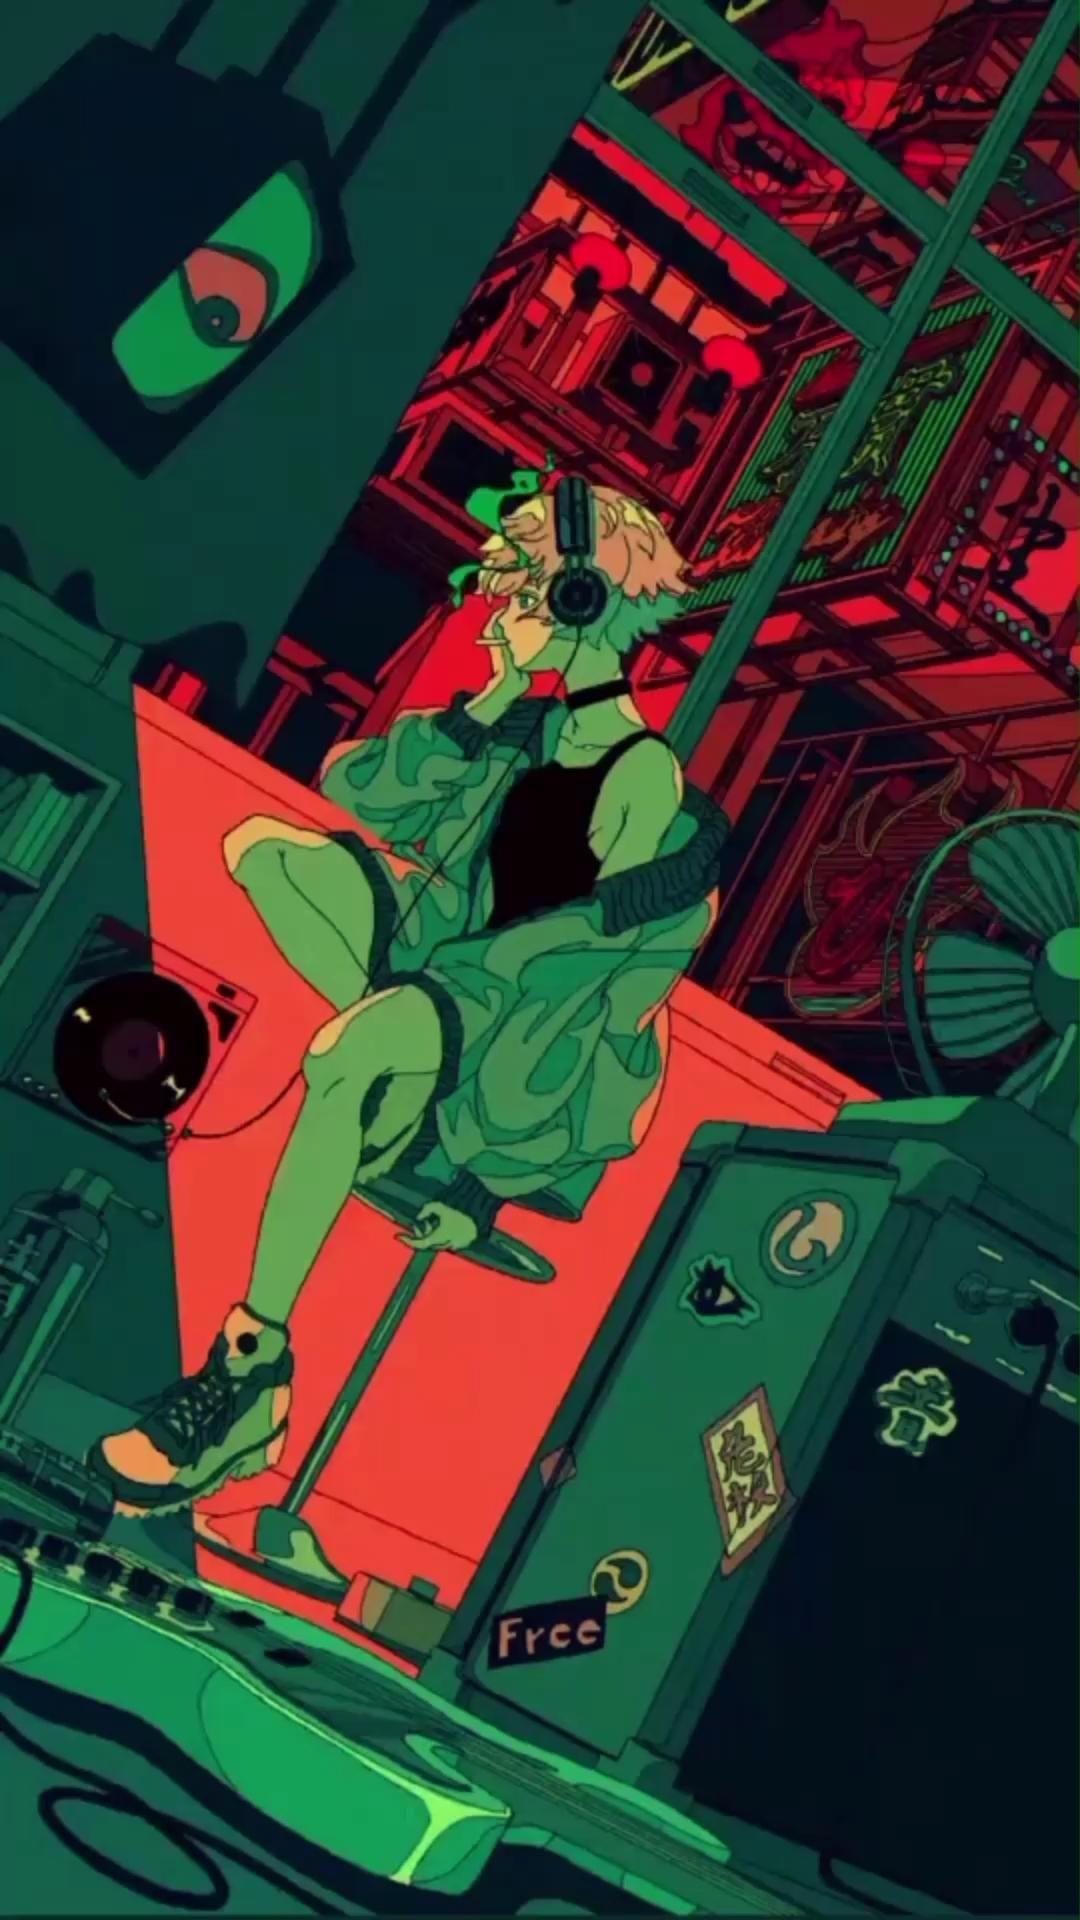 Hình nền động anime đầy sắc màu